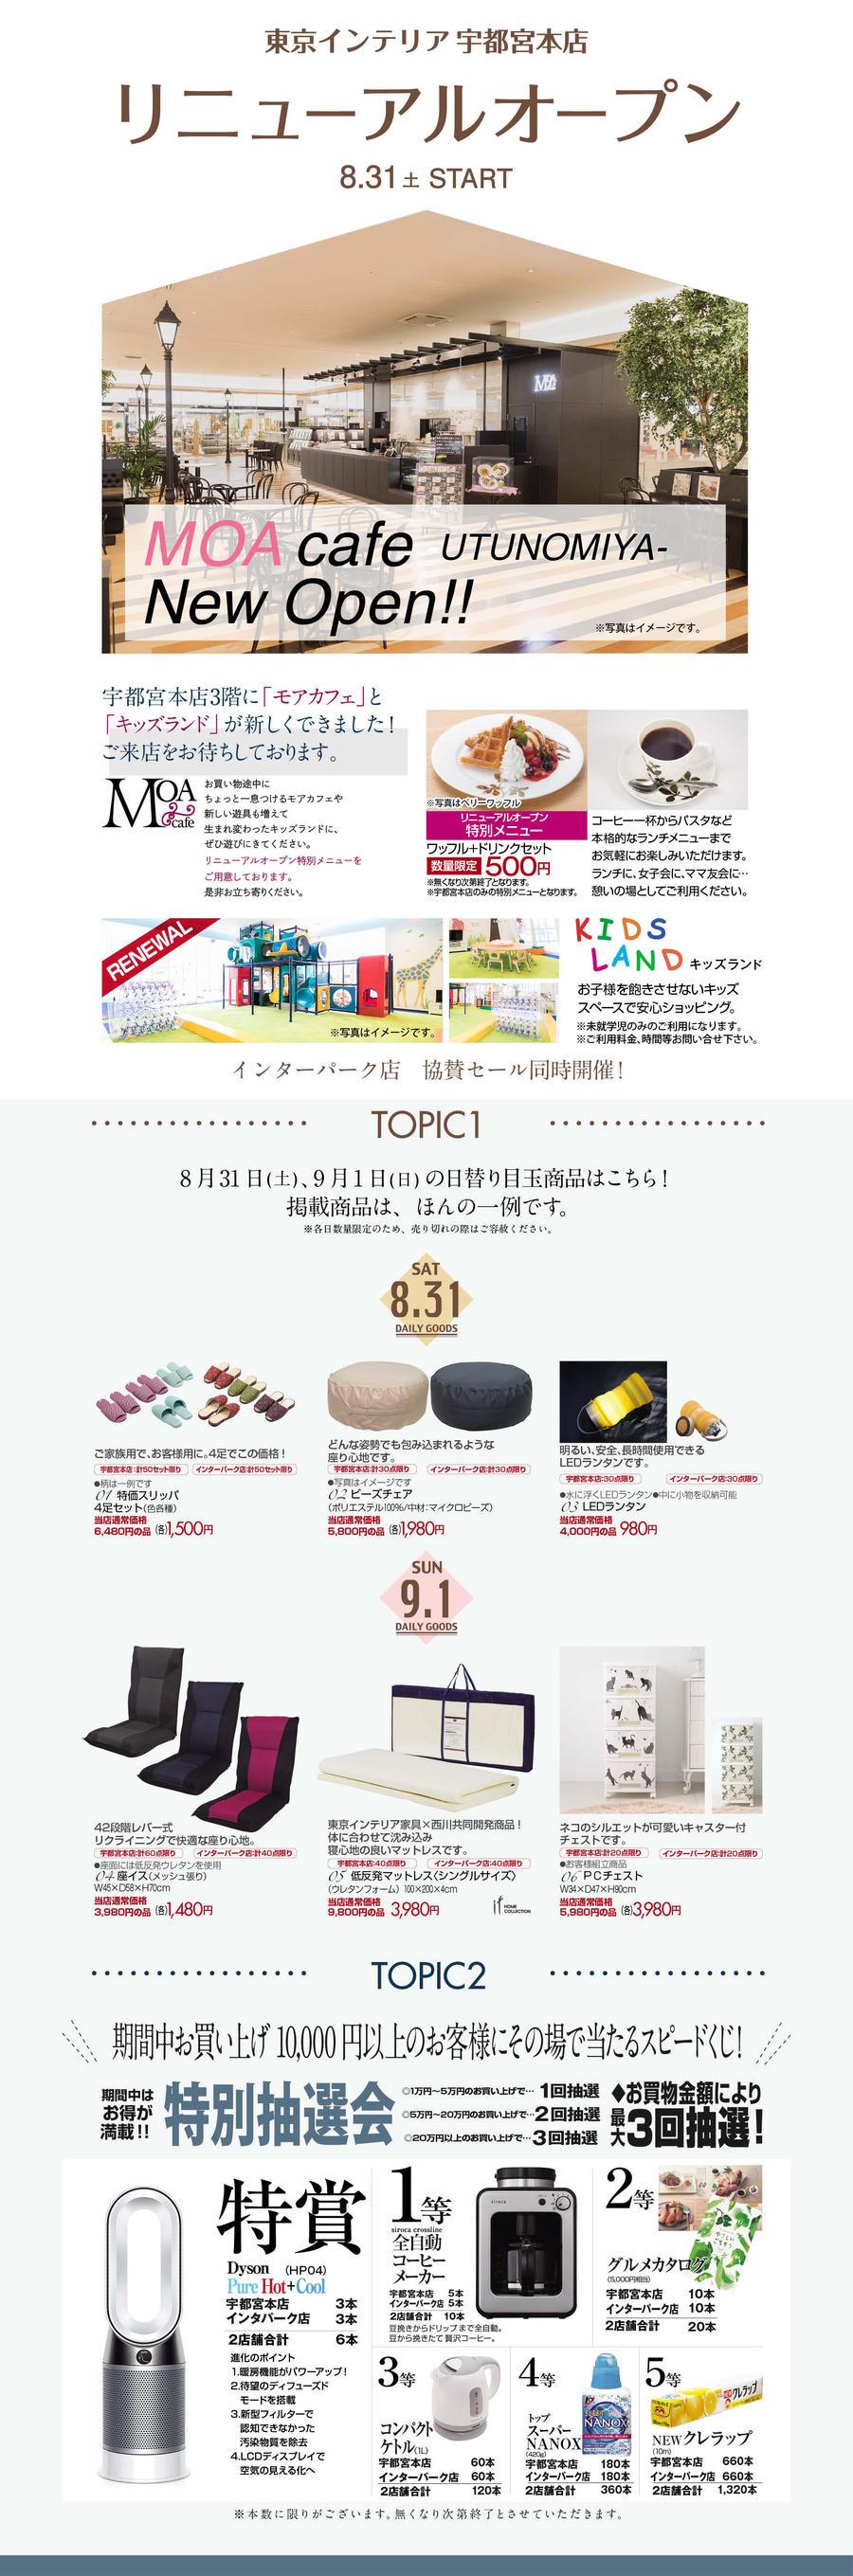 0831宇都宮LINE_LP(0827)2.jpg